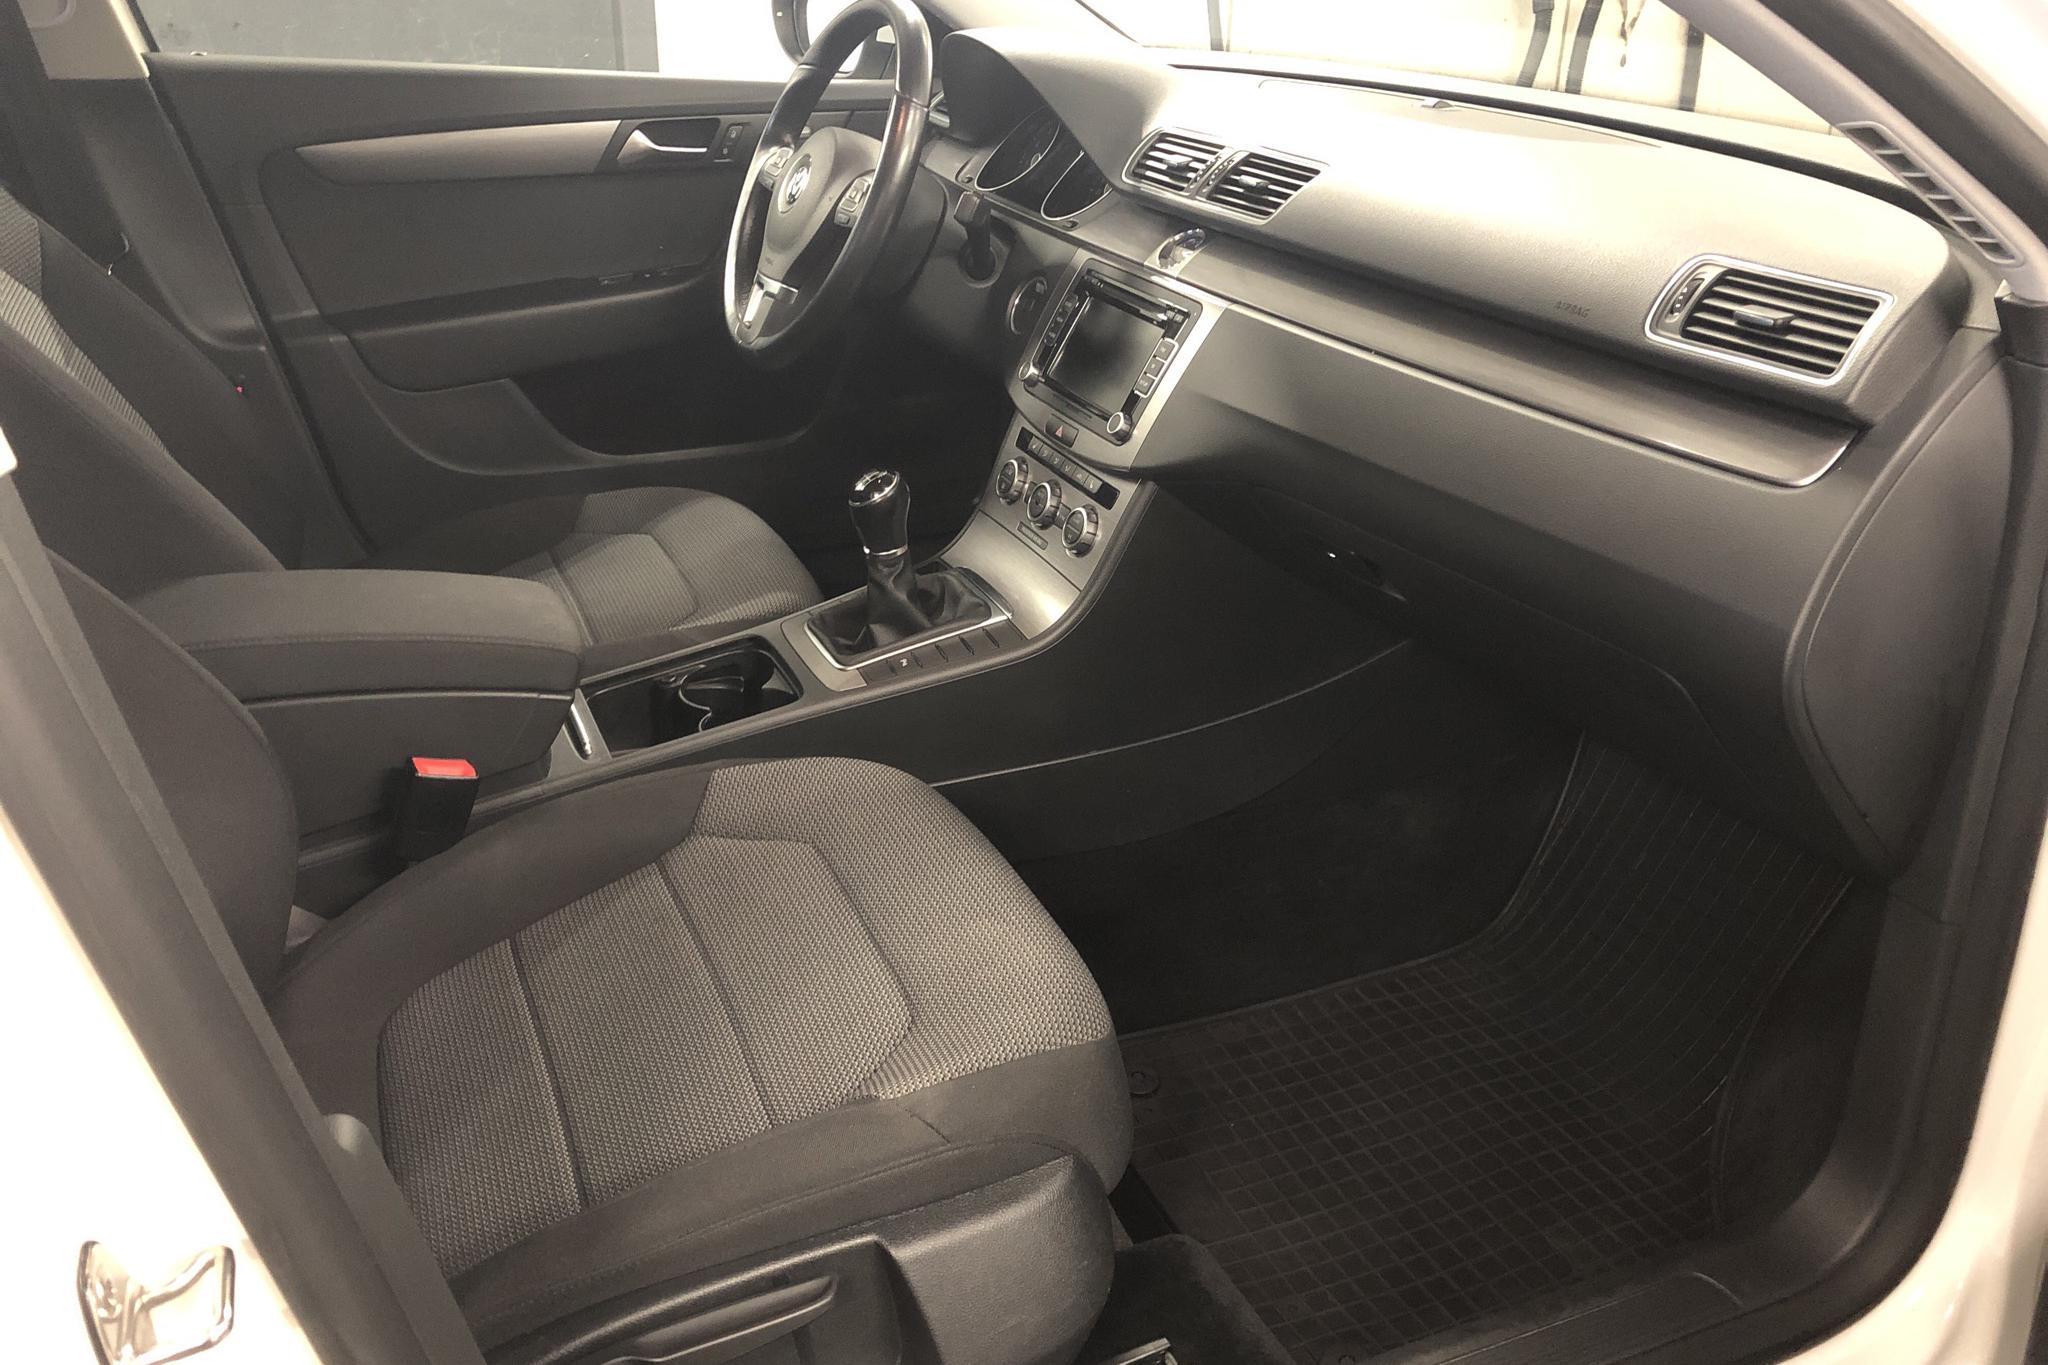 VW Passat 1.4 TSI EcoFuel Variant (150hk) - 101 920 km - Manual - white - 2013